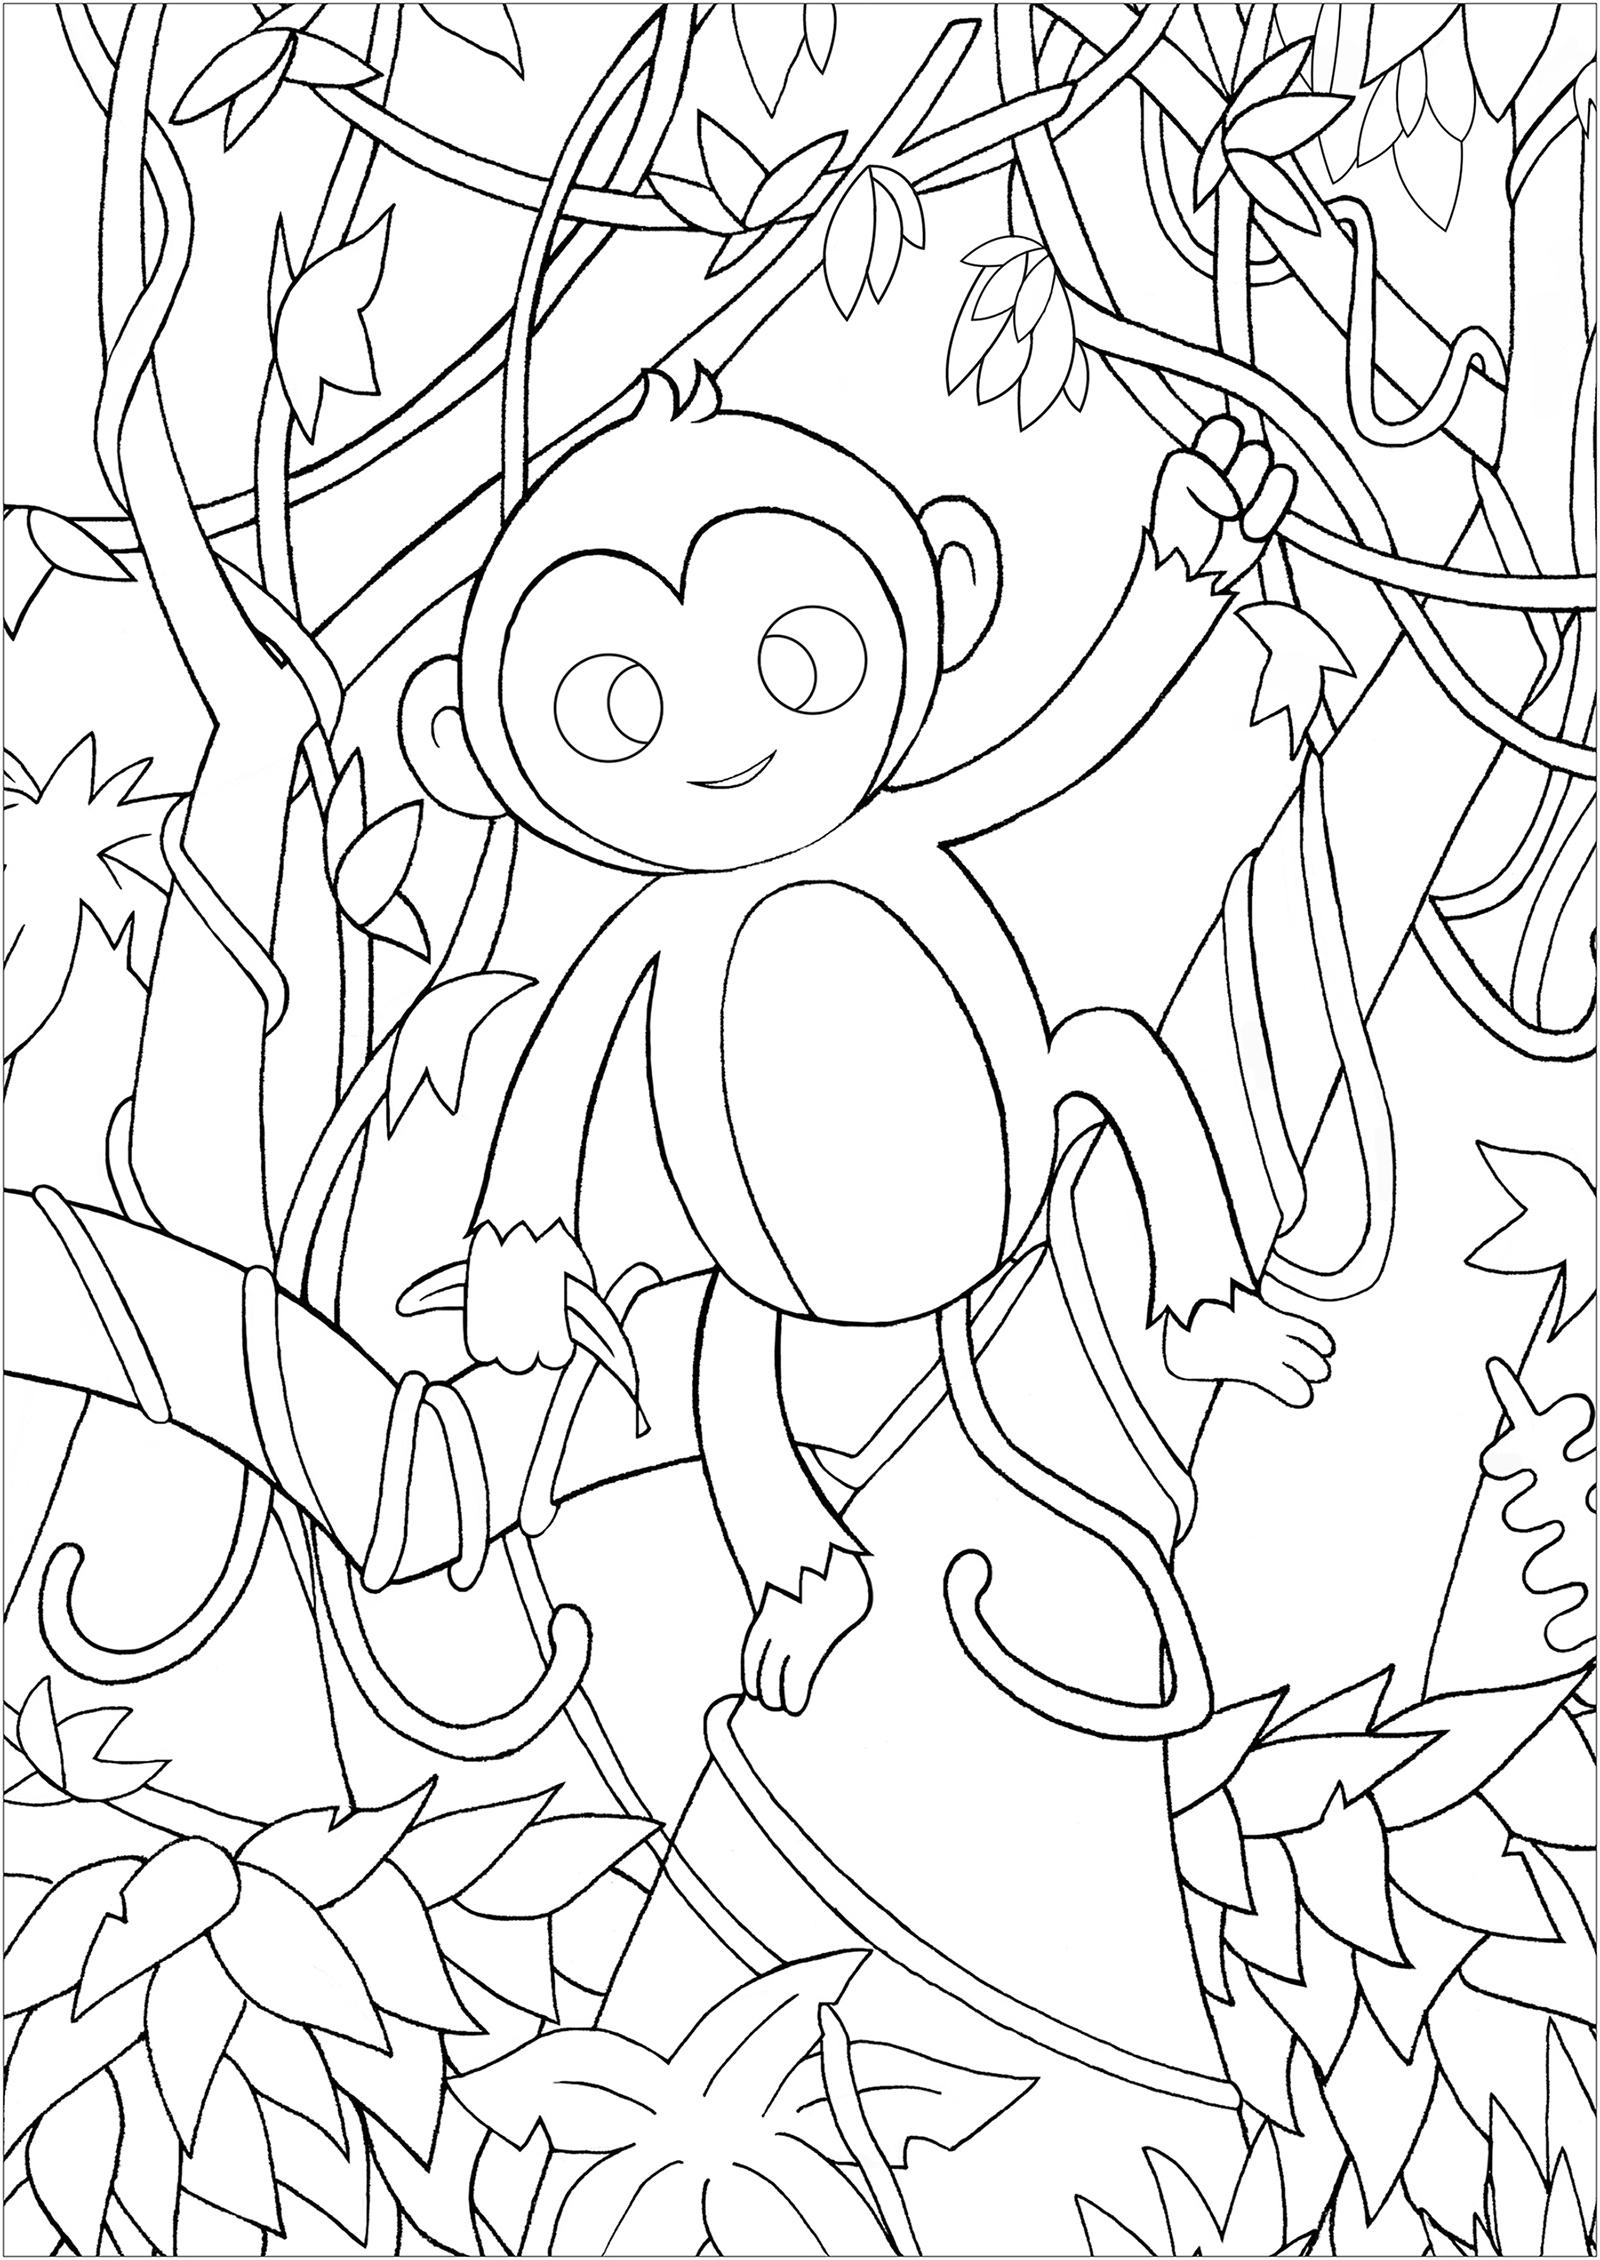 Un joli petit singe au milieu des lianes, feuilles et branches de la jungle